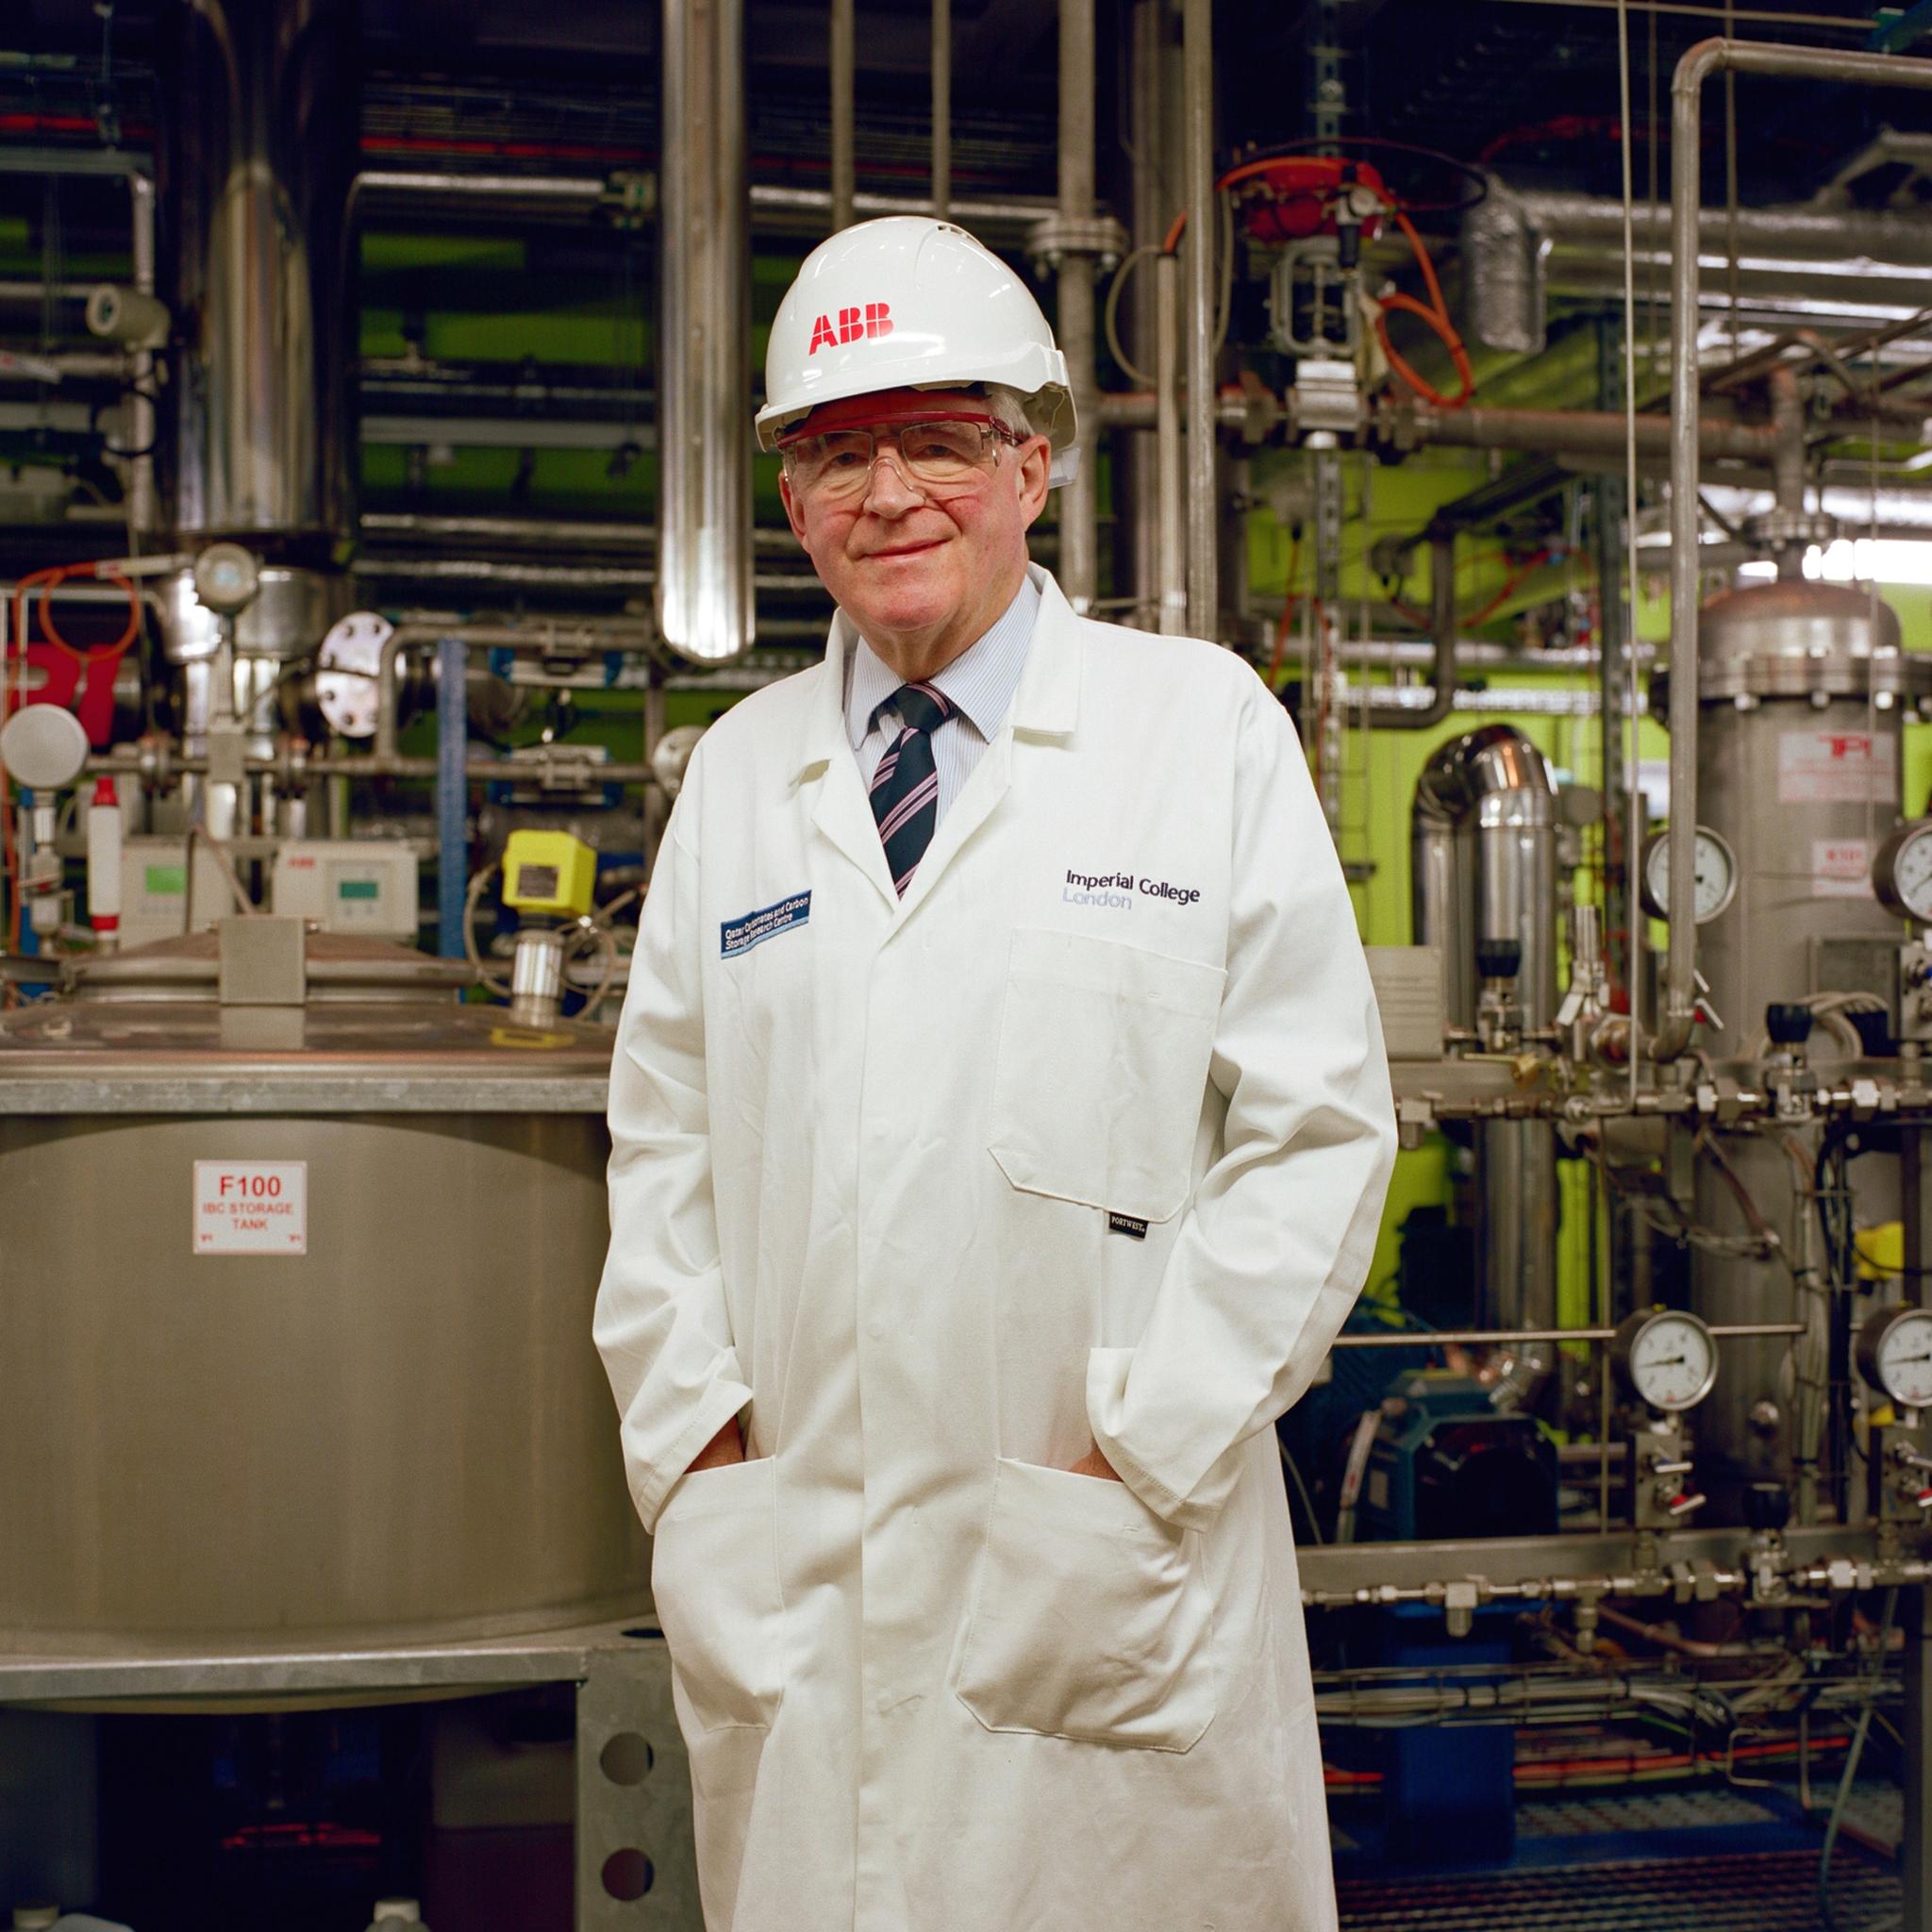 Geoff, Chemical Engineer